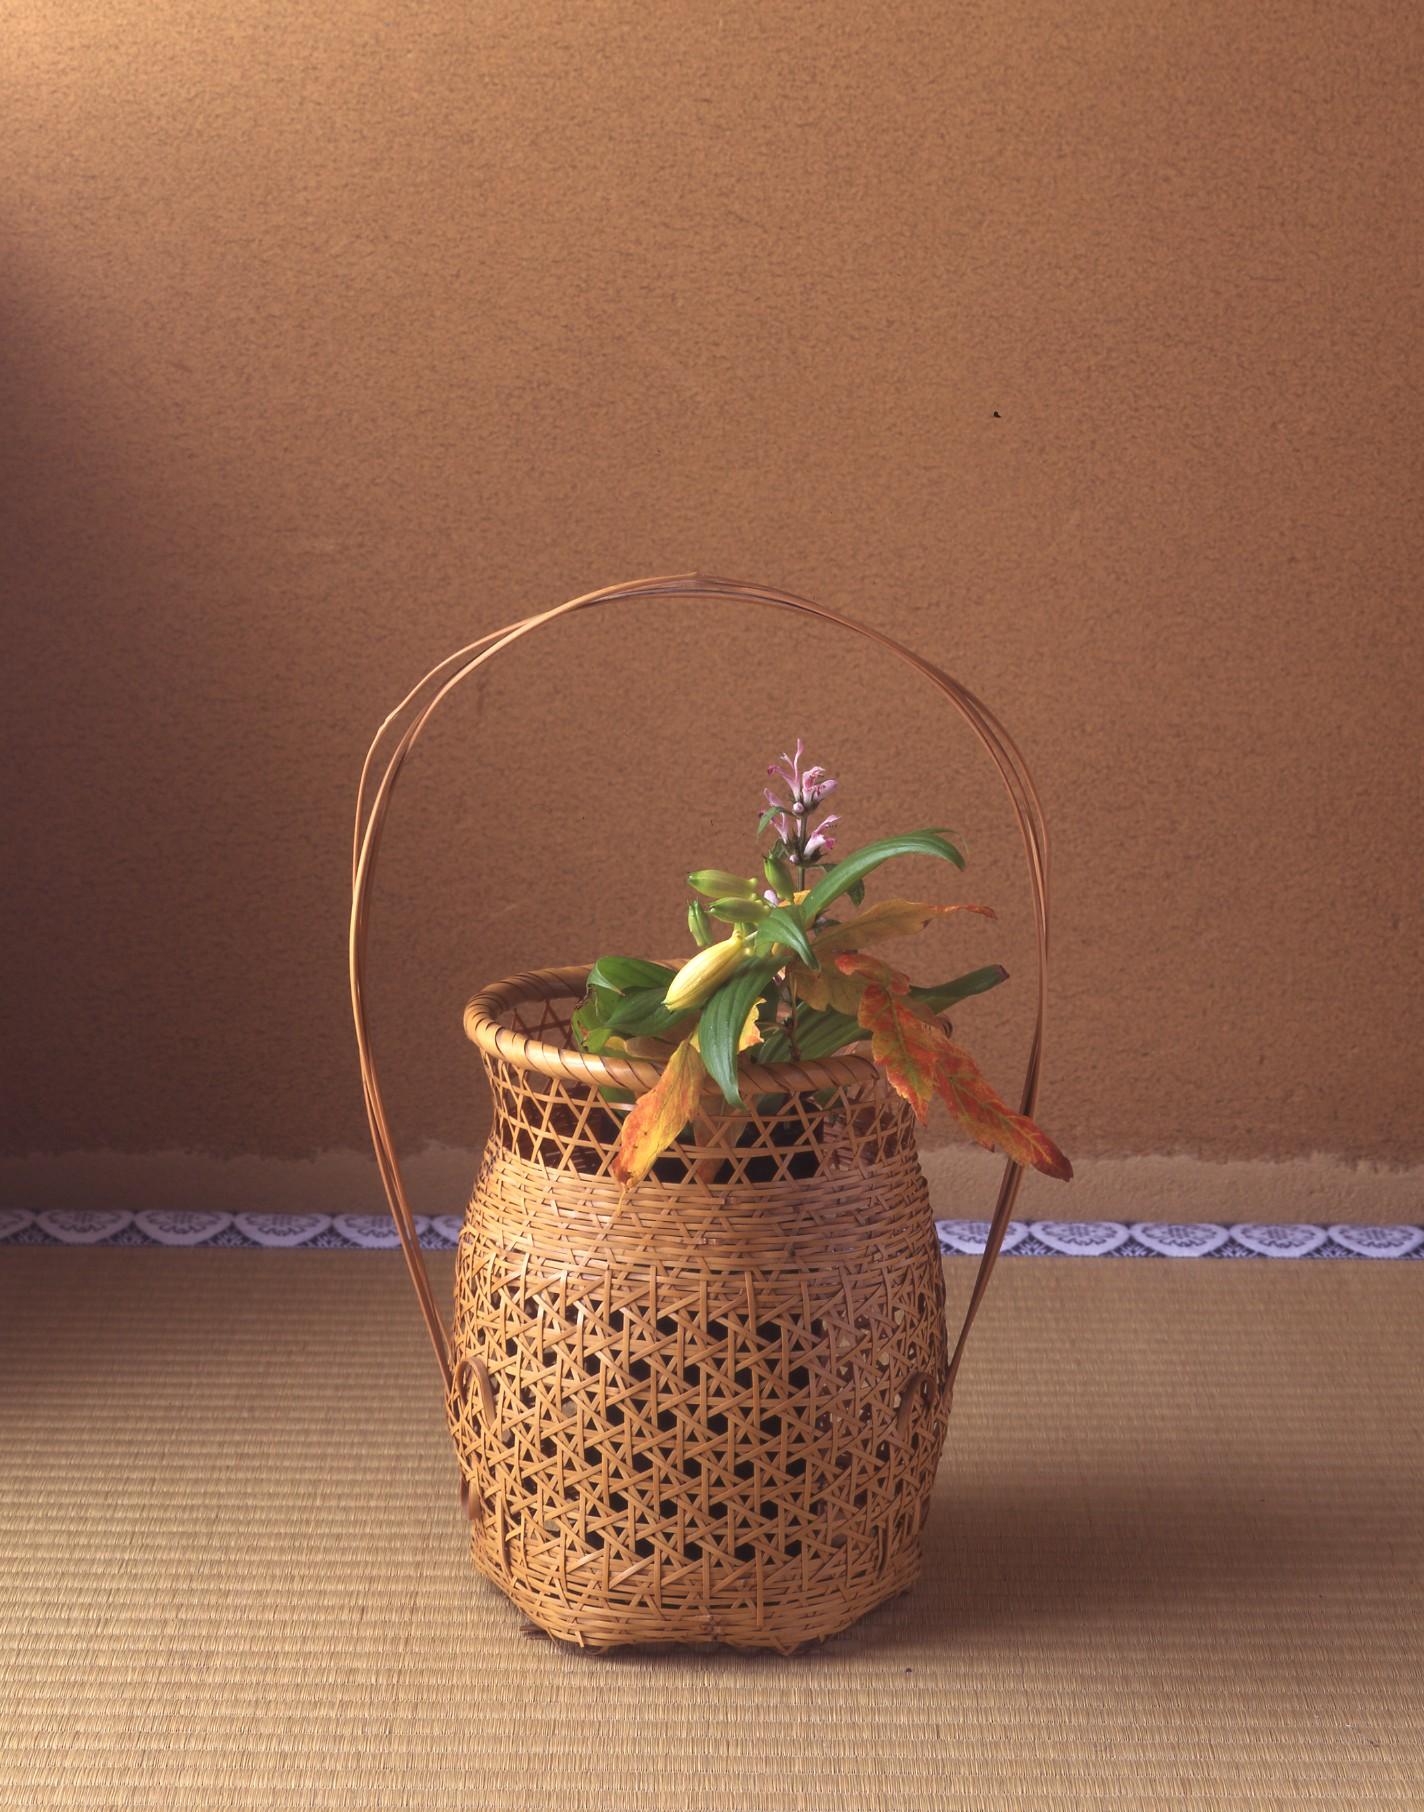 【今月の茶花】 10月の茶花